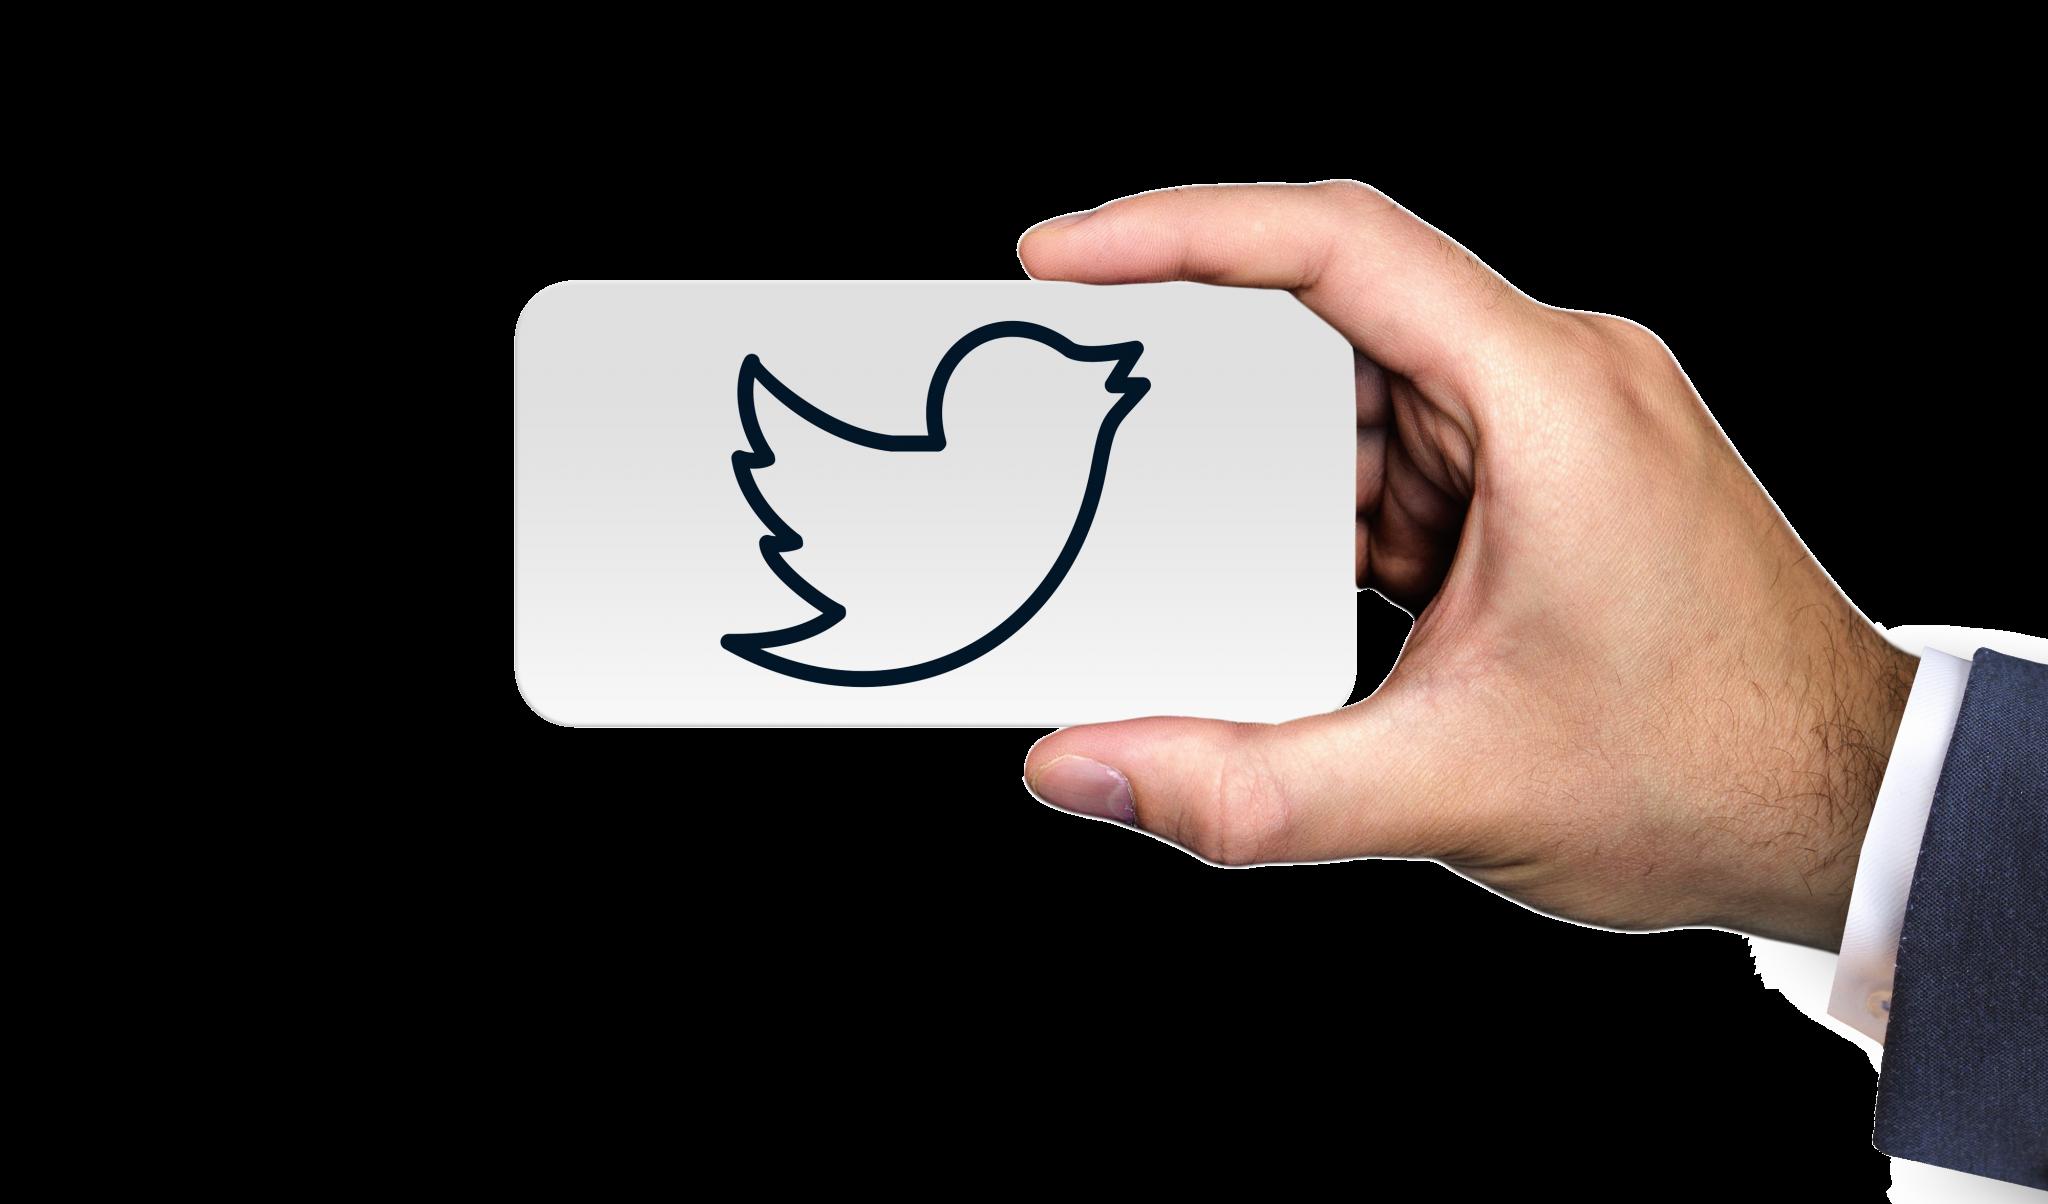 Start a Conversation on Twitter